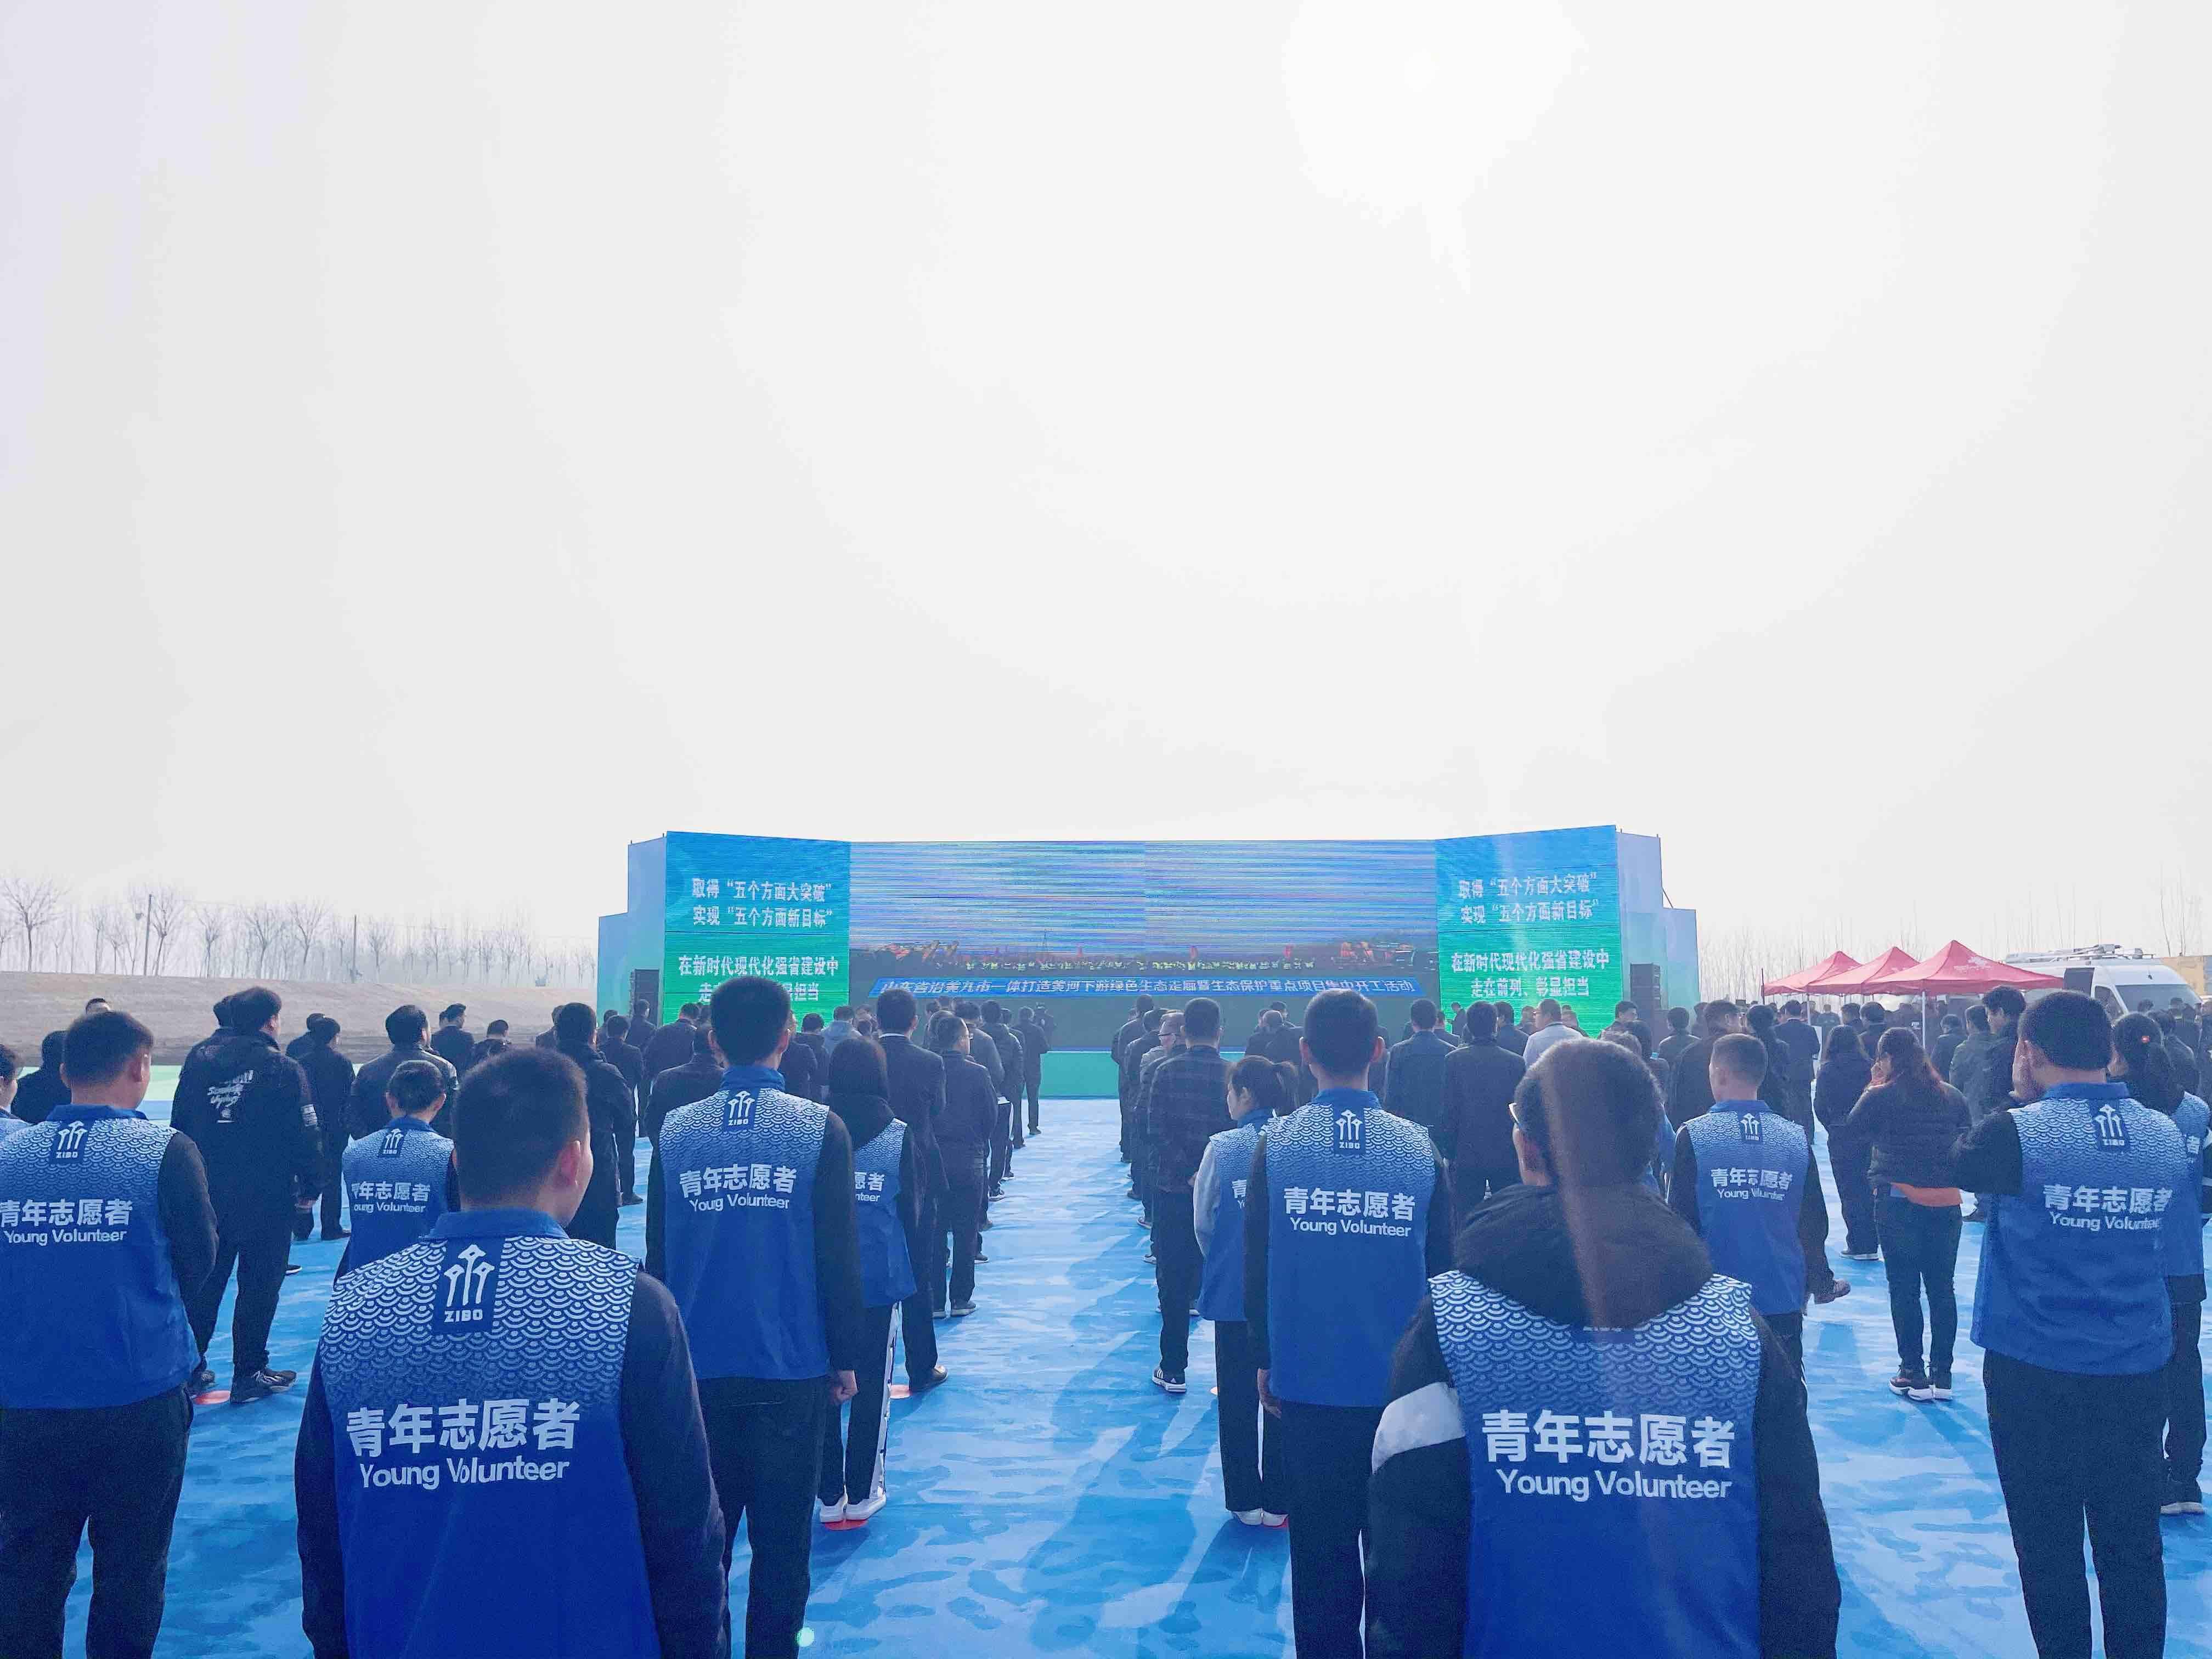 打造黄河下游绿色生态走廊 淄博总投资74.6亿元10个重点项目开工